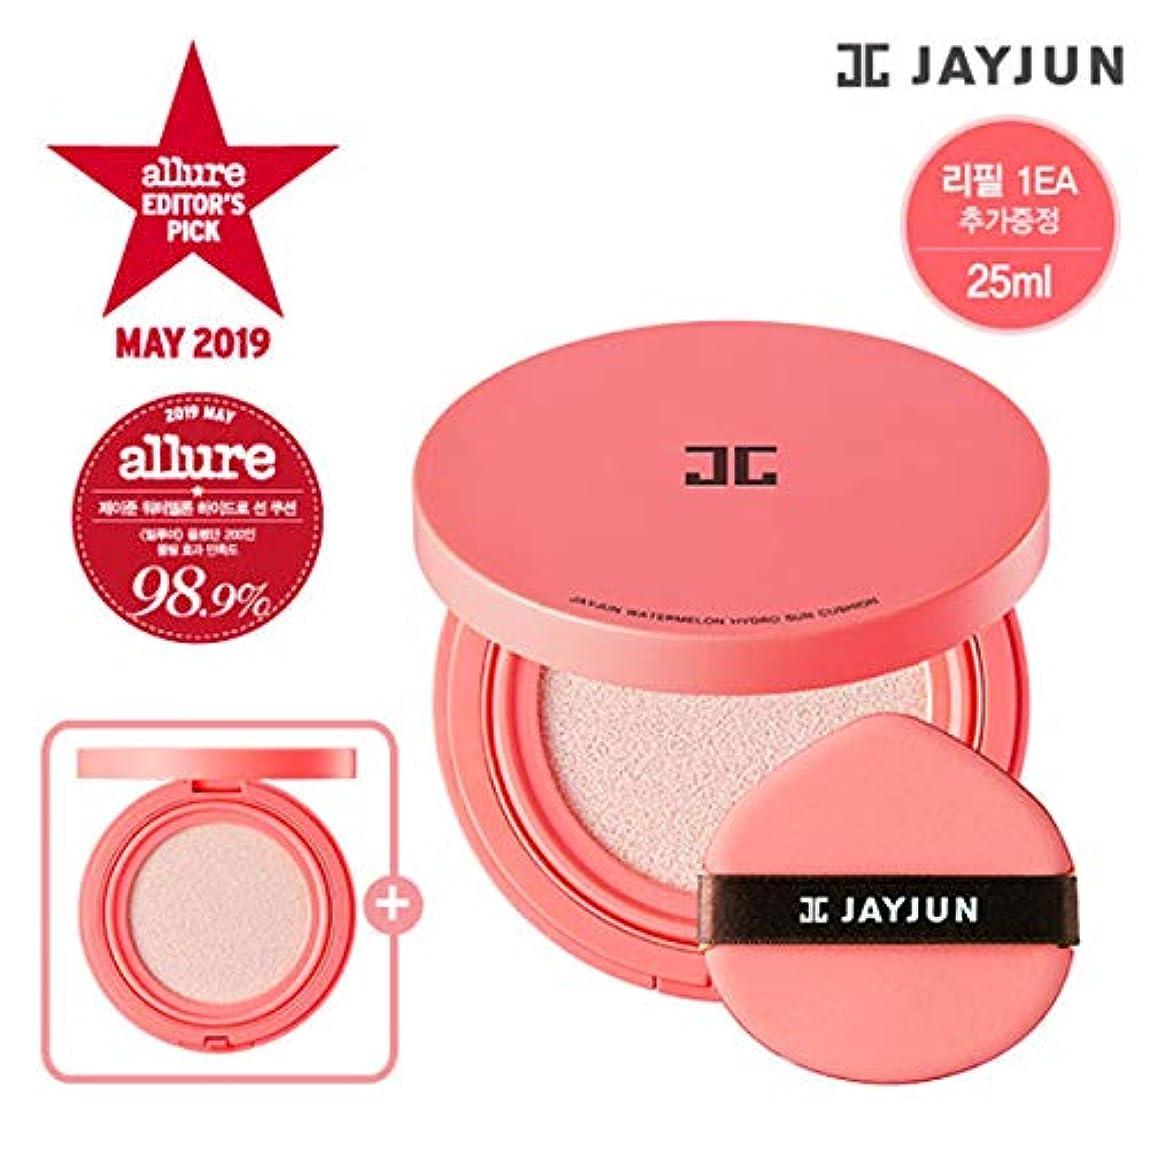 唇移植形ジェイジュン スイカハイドロサンクッション SPF50+/PA++++ / Jayjun Watermelon Hydro Sun Cushion (本品 25g + 詰め替え 25g)